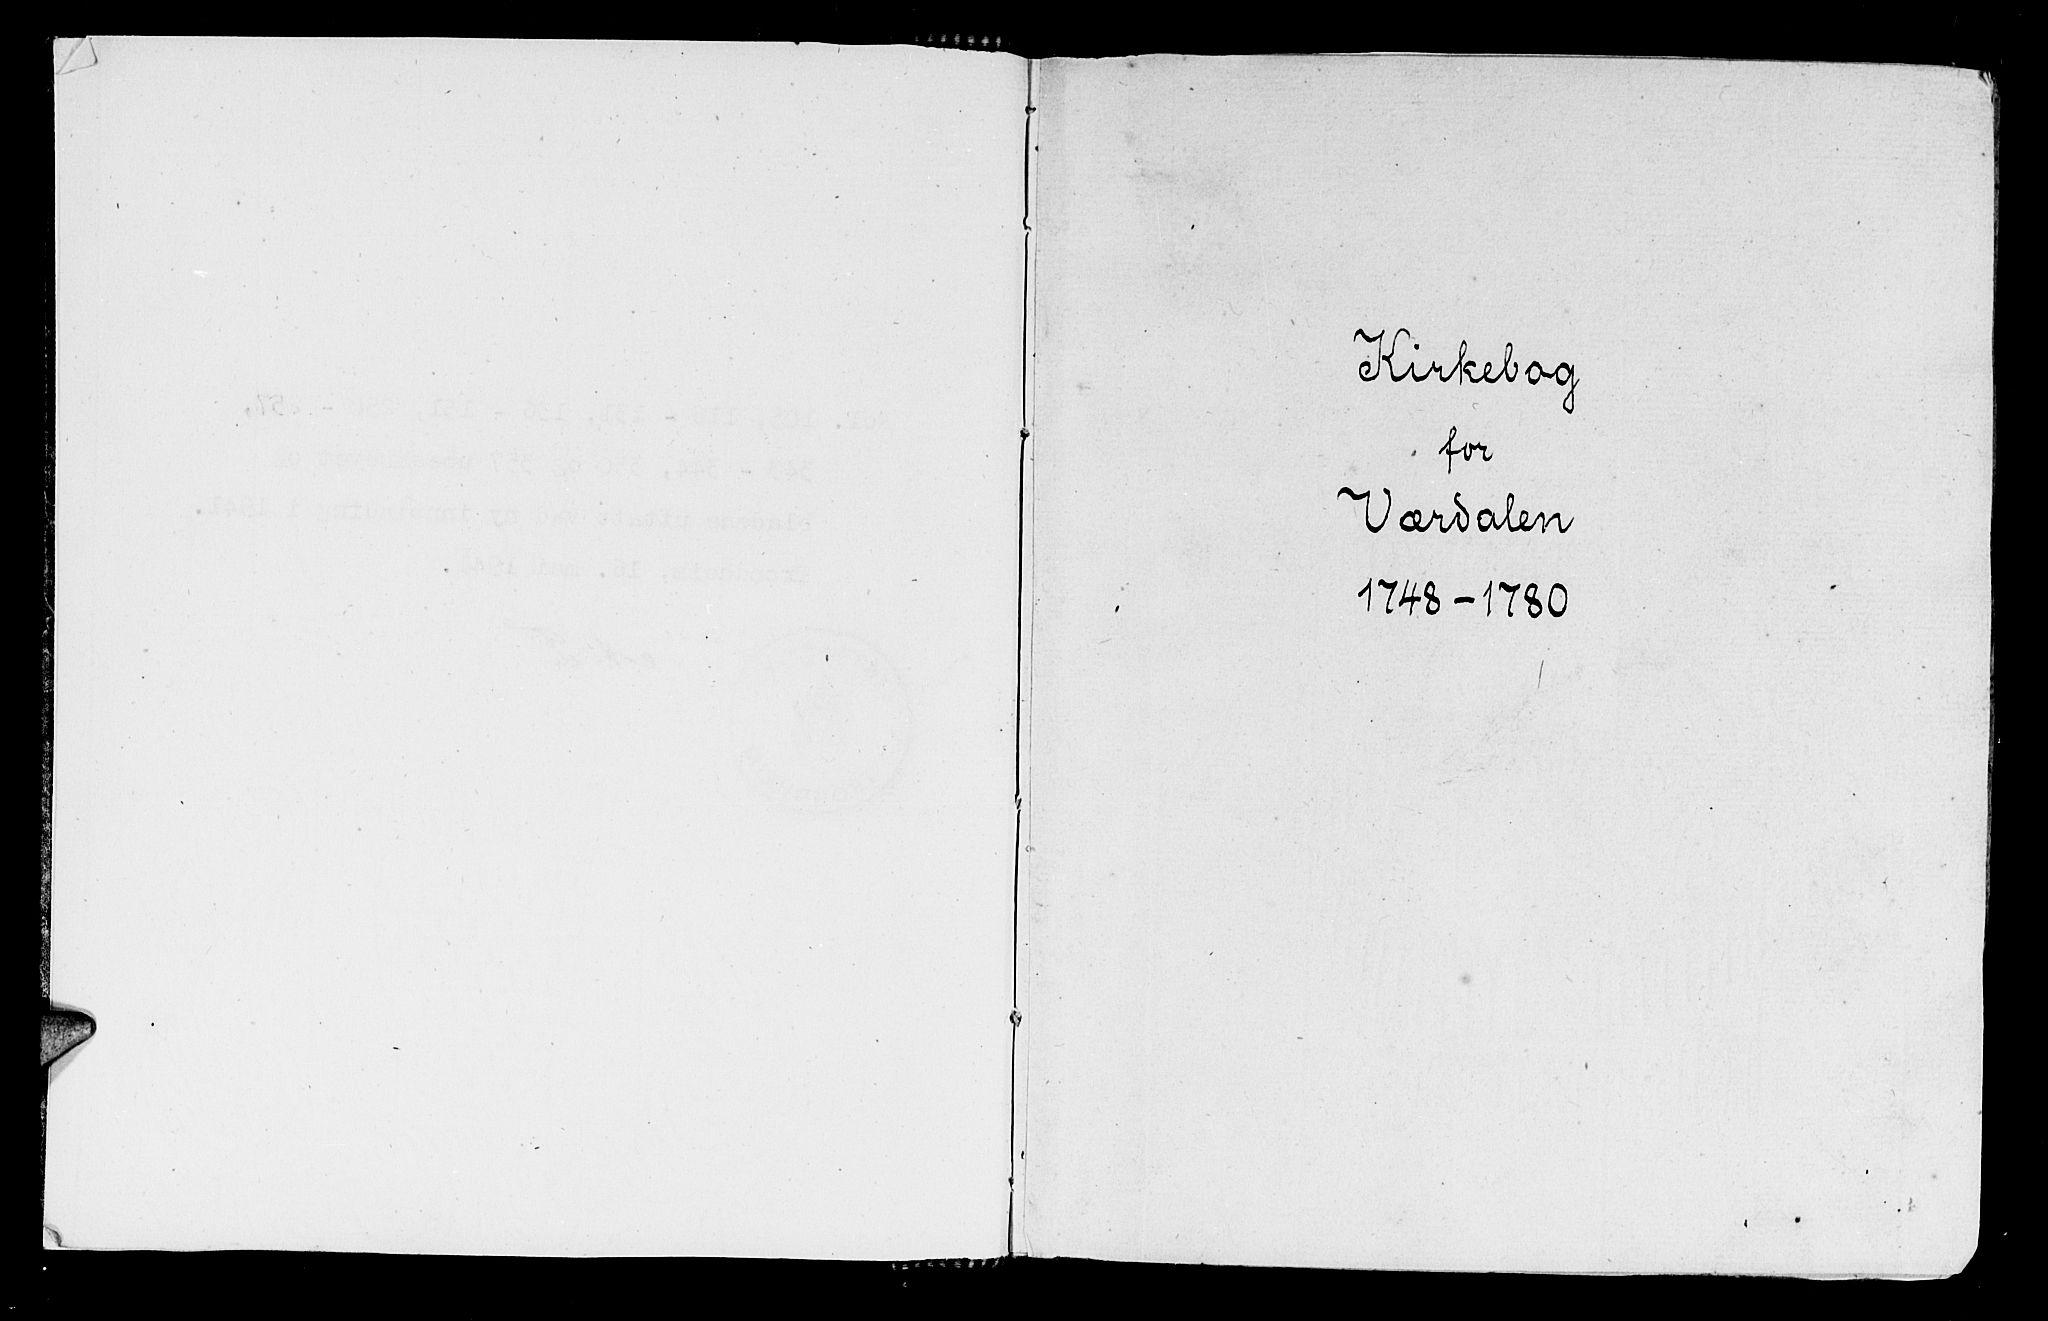 SAT, Ministerialprotokoller, klokkerbøker og fødselsregistre - Nord-Trøndelag, 723/L0231: Ministerialbok nr. 723A02, 1748-1780